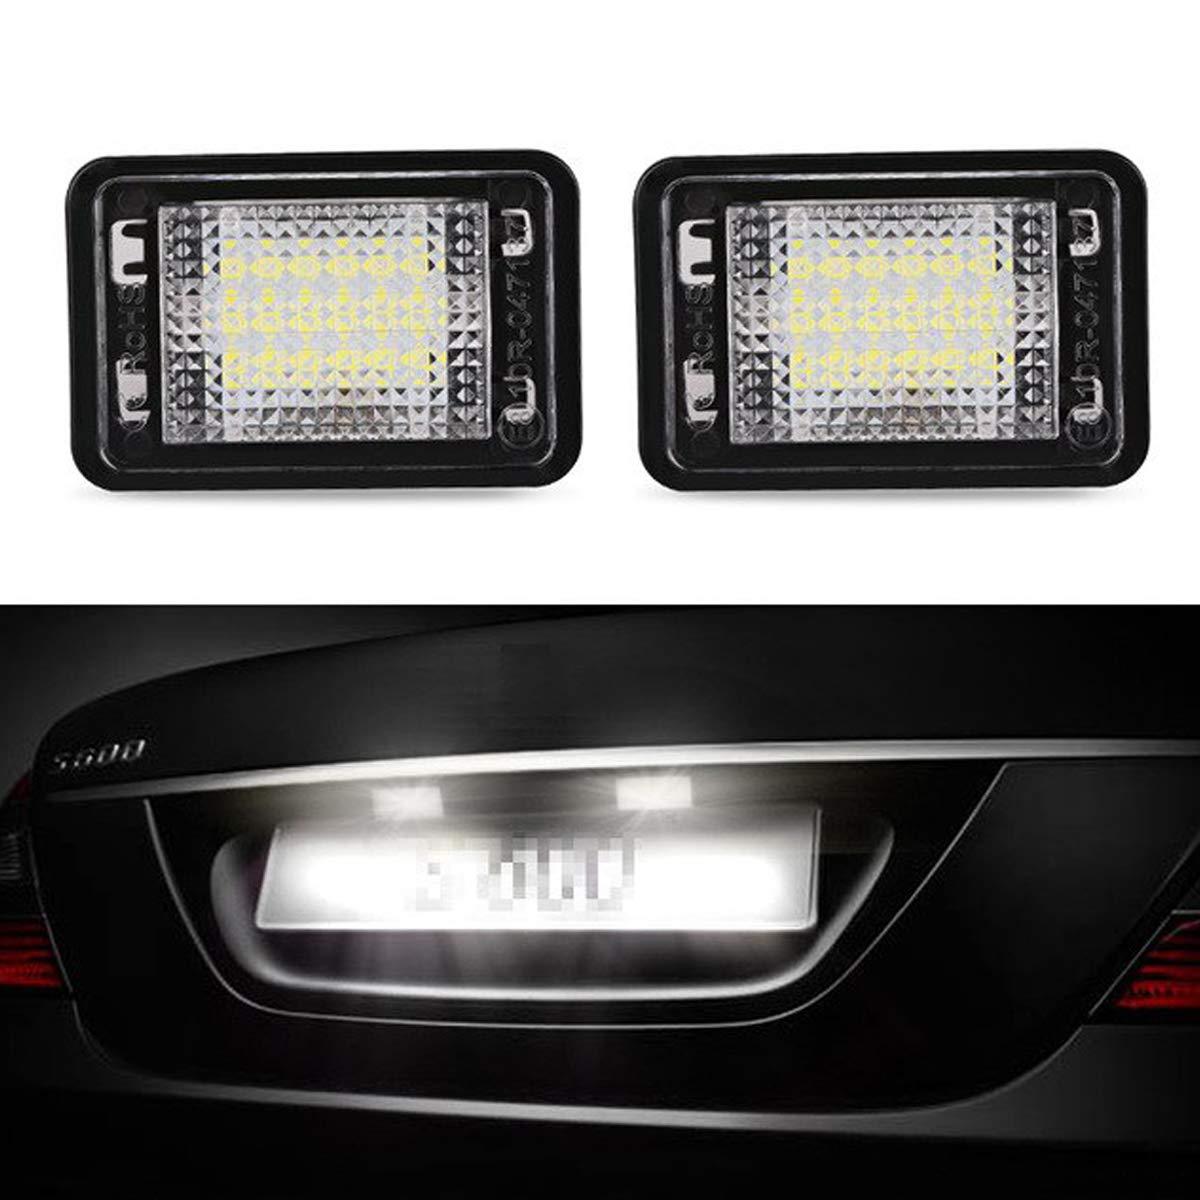 GOFORJUMP 2pcs pour Mercedes Benz GLK X204 Canbus sans Erreur LED Lampe de Plaque d'immatriculation Blanc 12V LED Lampe de Plaque d'immatriculation pour Benz Accessoires